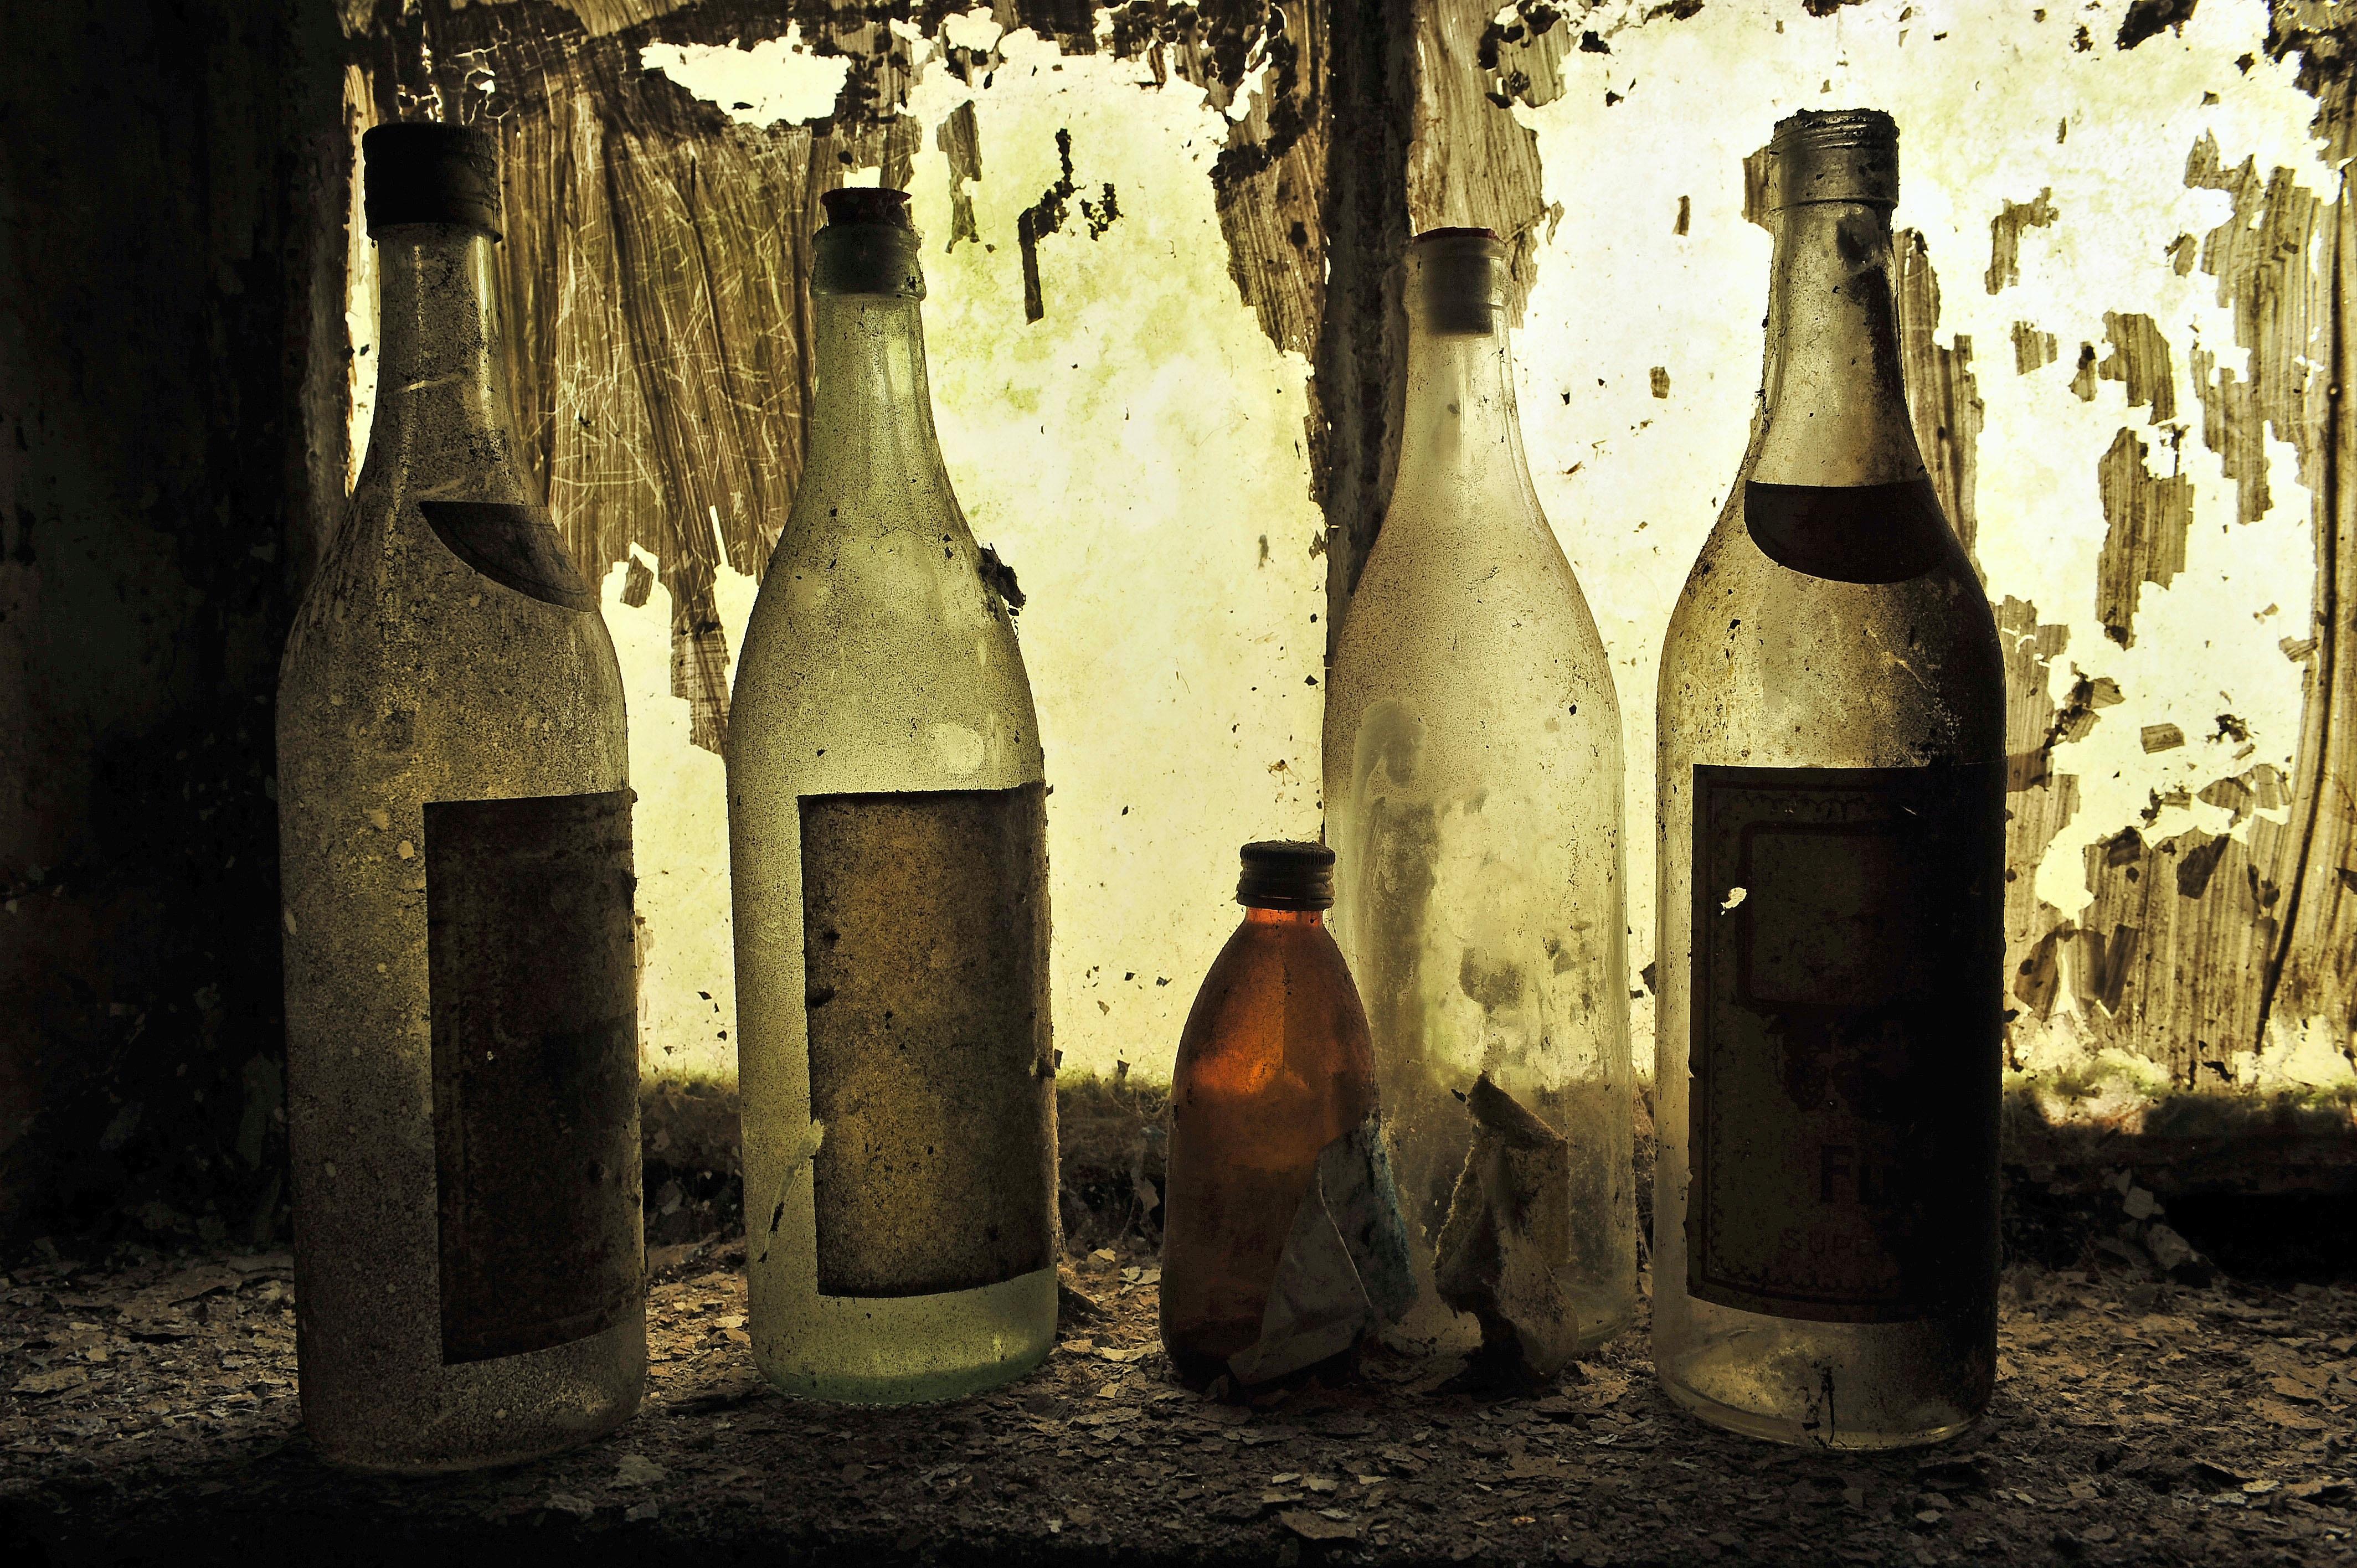 Kostenlose foto : Wein, alt, Getränk, Flasche, leer, Weinflasche ...